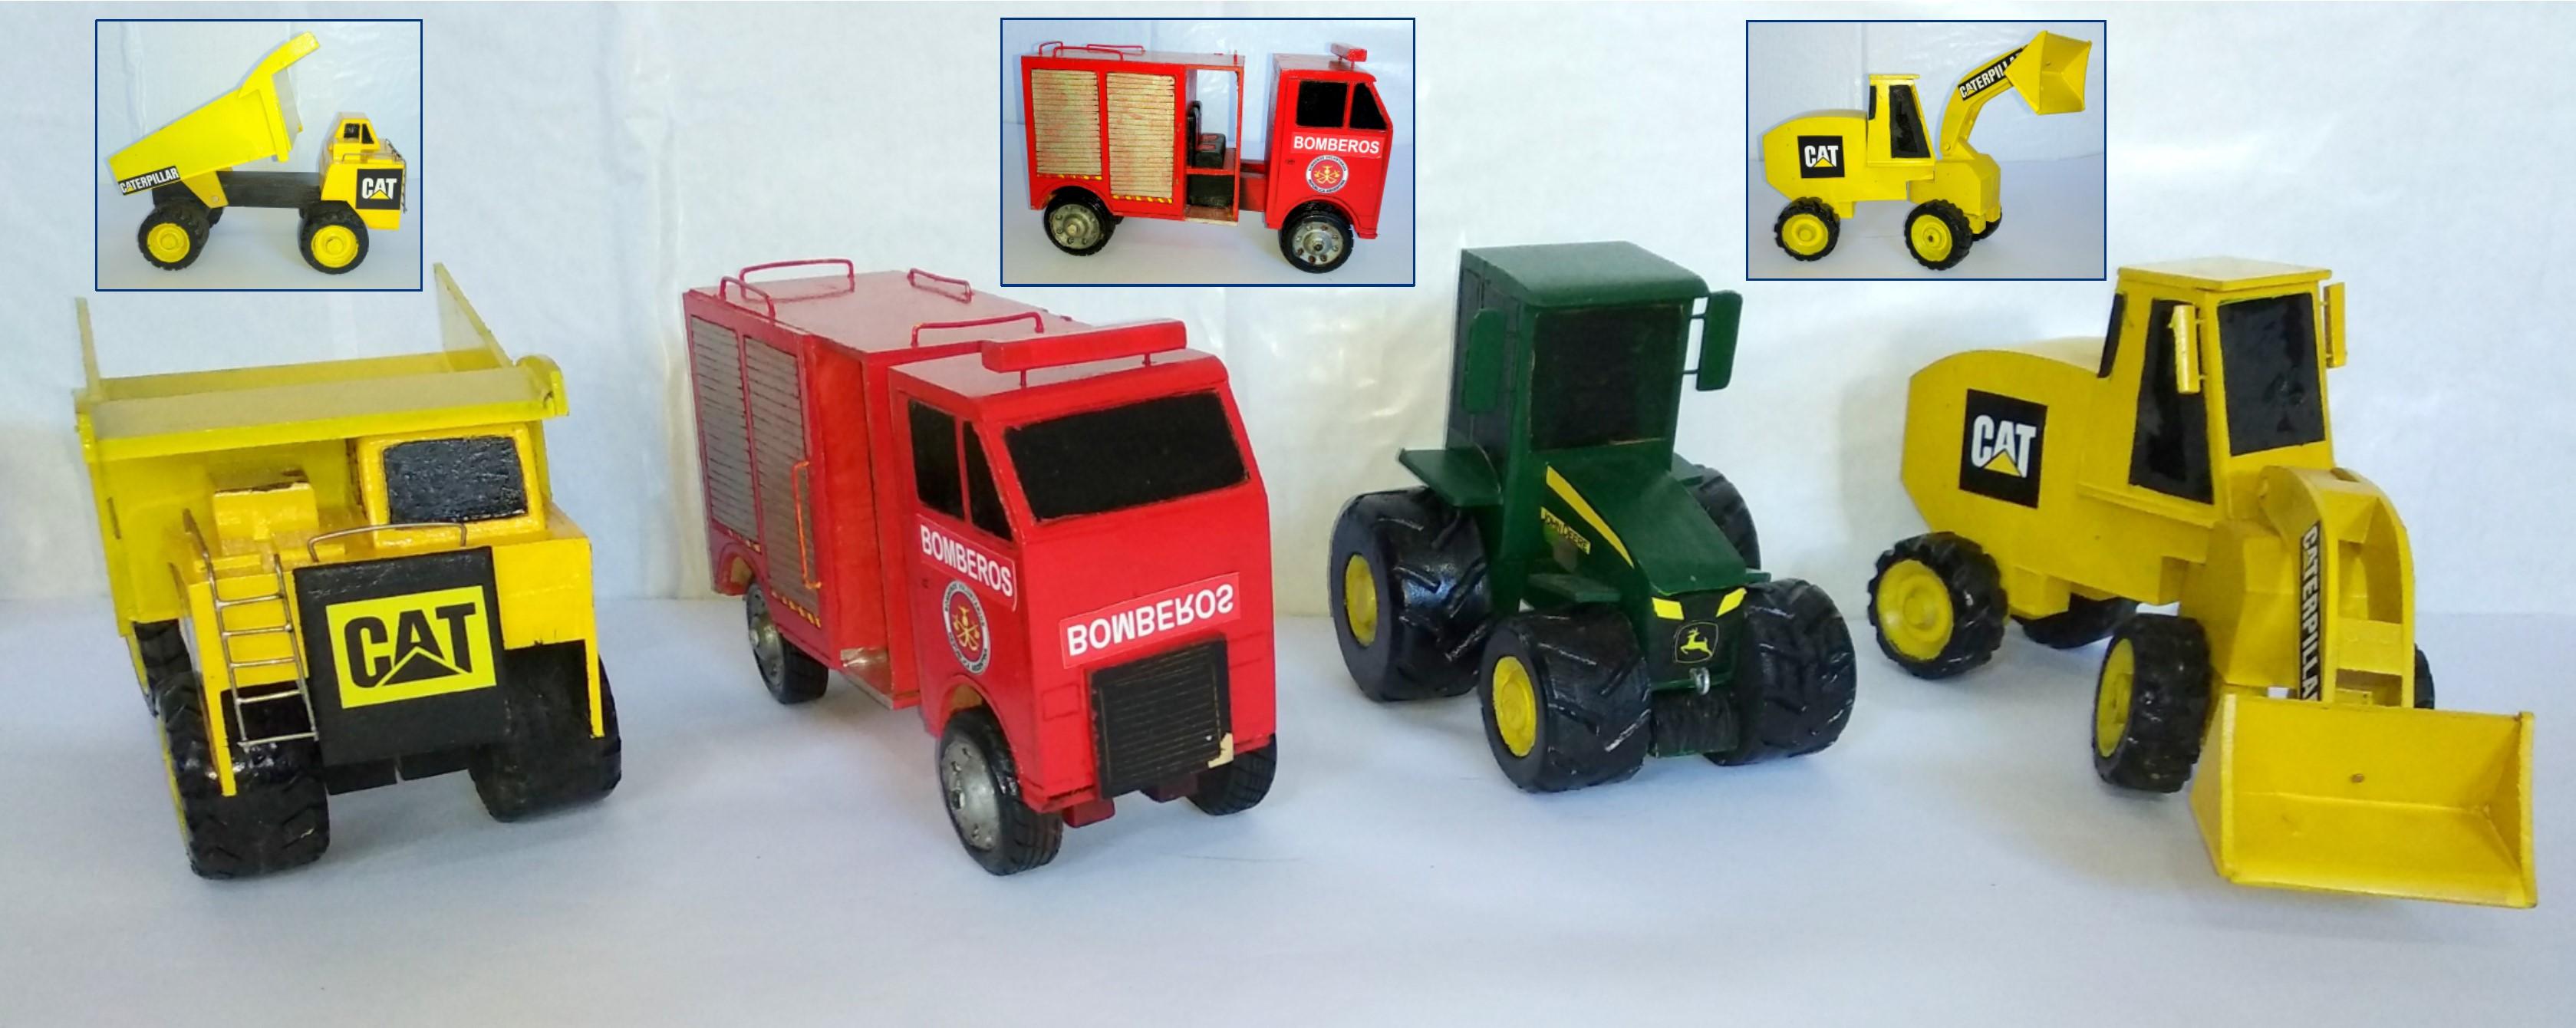 Las máquinas son de madera. Los Caterpillar tienen partes móviles. Camión volcador (15x21 cm). Topadora (12x28 cm). Camión de Bomberos (14x23 cm). Tractor (16x15 cm).